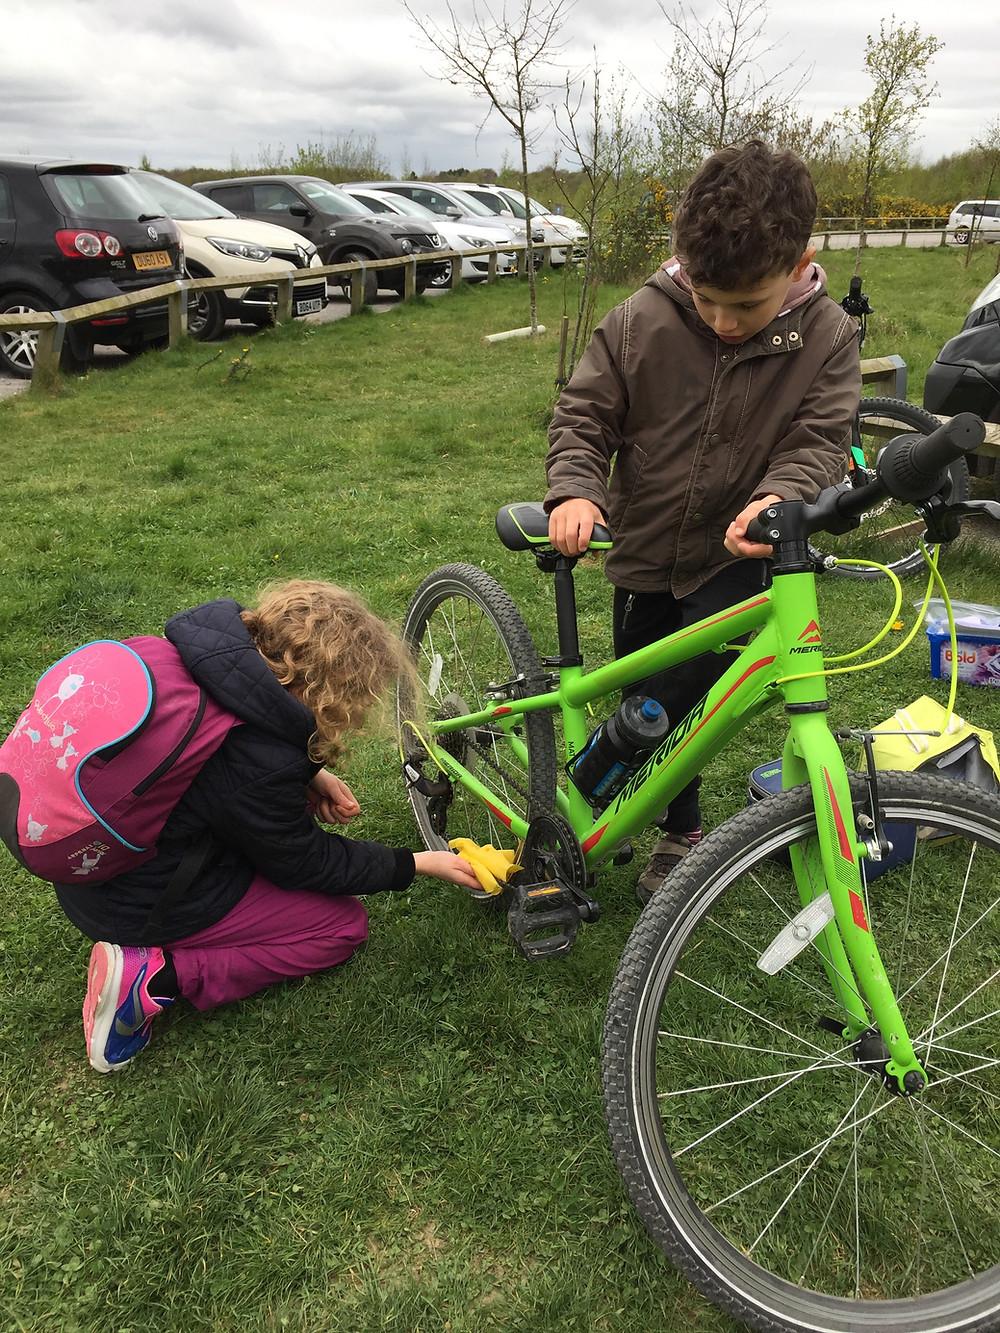 Kids cleaning bikes (yep, really!)